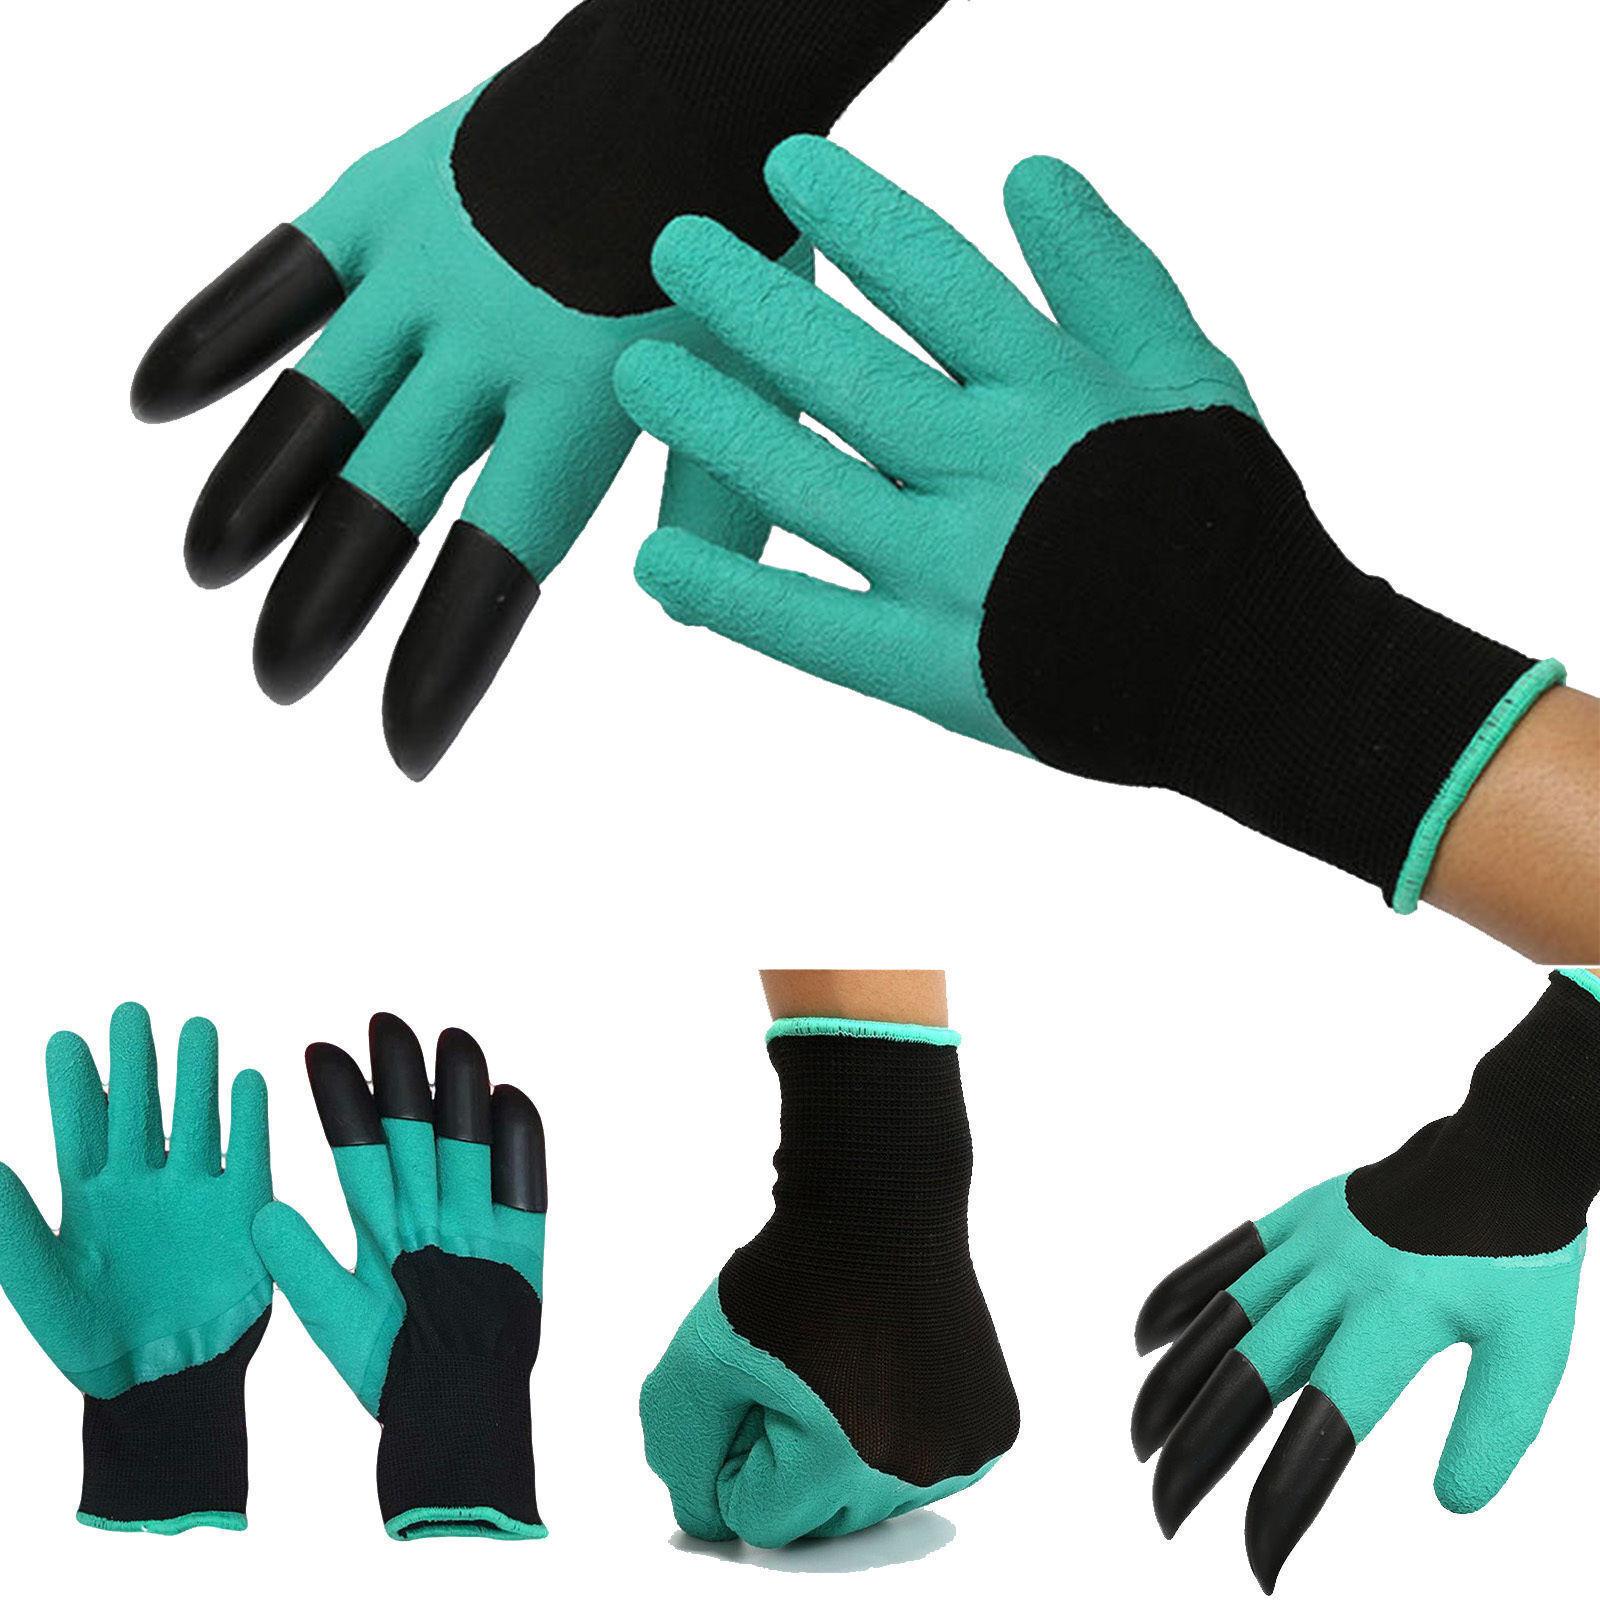 Garten Genie Handschuhe für zum Graben Bepflanzung Gartenarbeit mit ABS Plastik